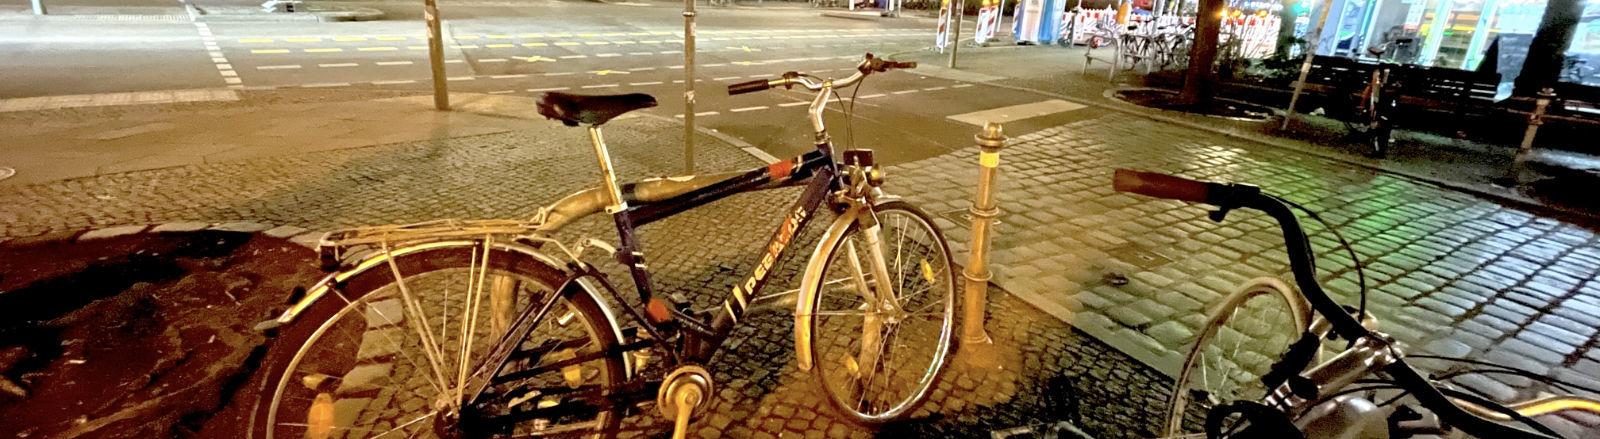 Ein verunstaltetes Rad steht unangeschlossen 40 Stunden lang in Berlin Kreuzberg, ohne dass es gestohlen wird.